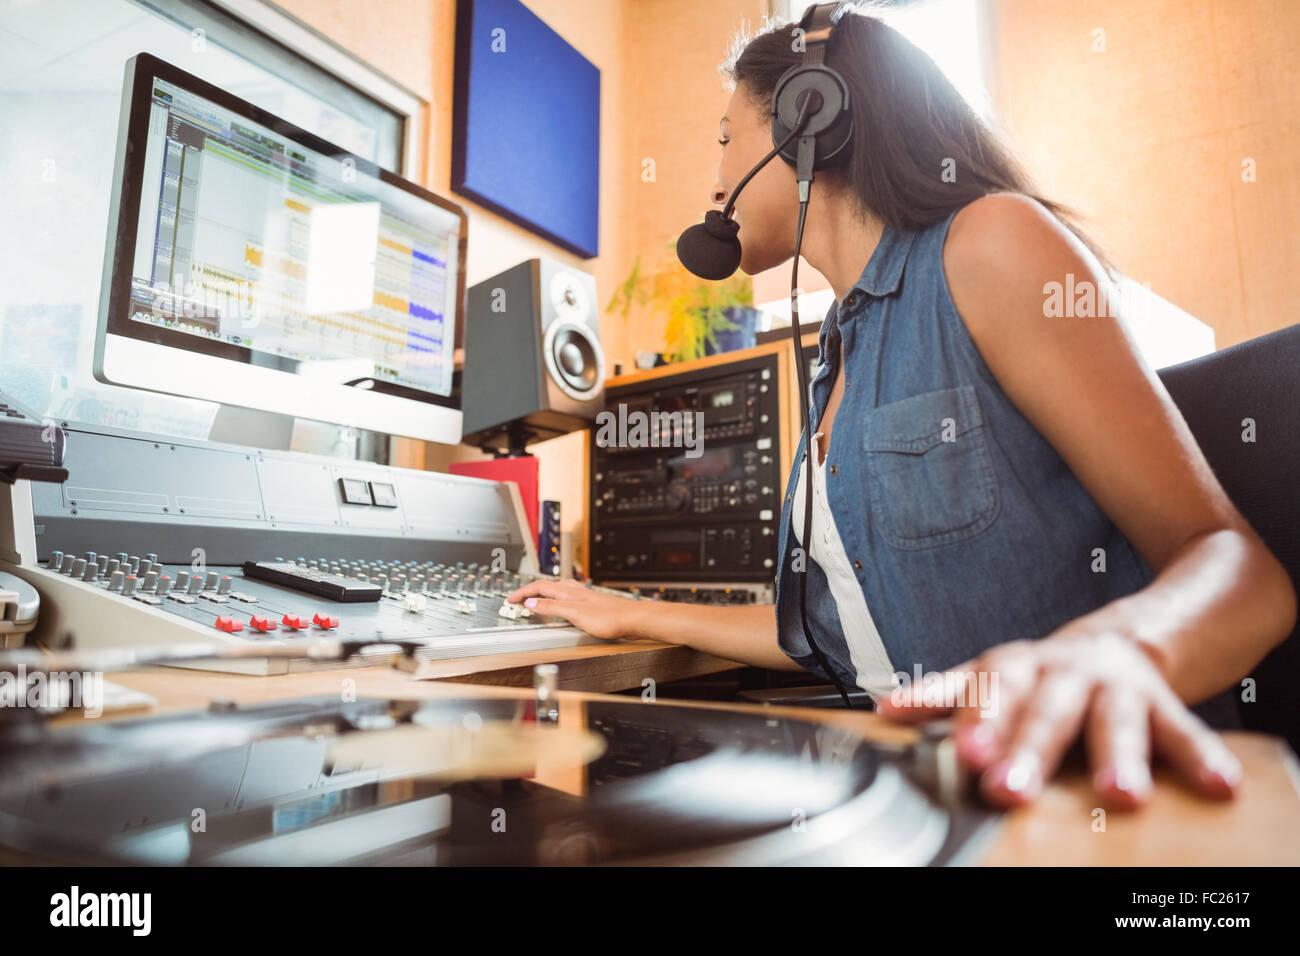 Retrato de una estudiante universitaria de la mezcla de audio Imagen De Stock